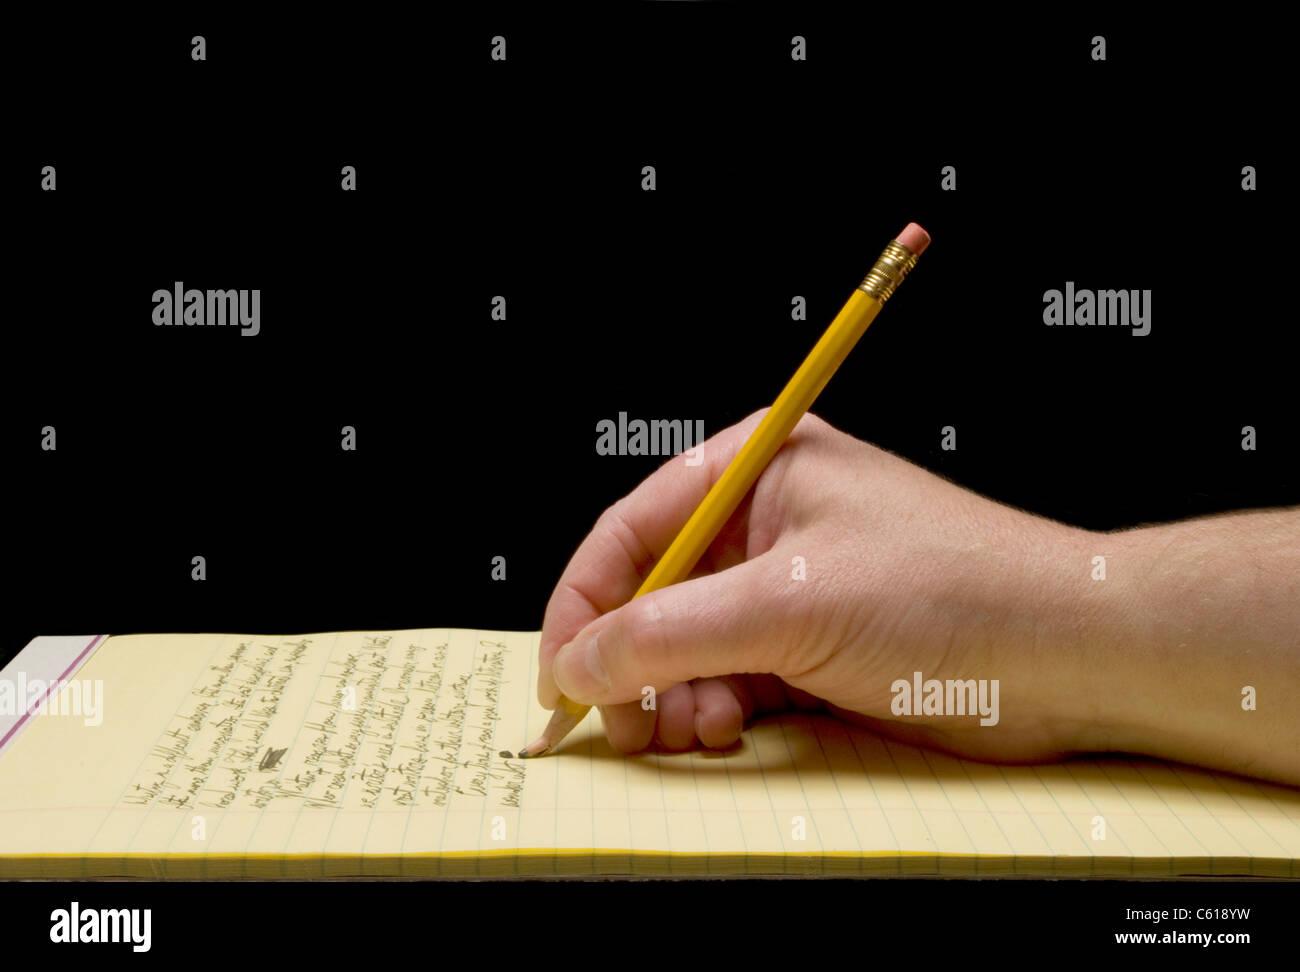 Handschrift mit gebrochenen Bleistift Punkt auf gelben Notizblock Stockbild